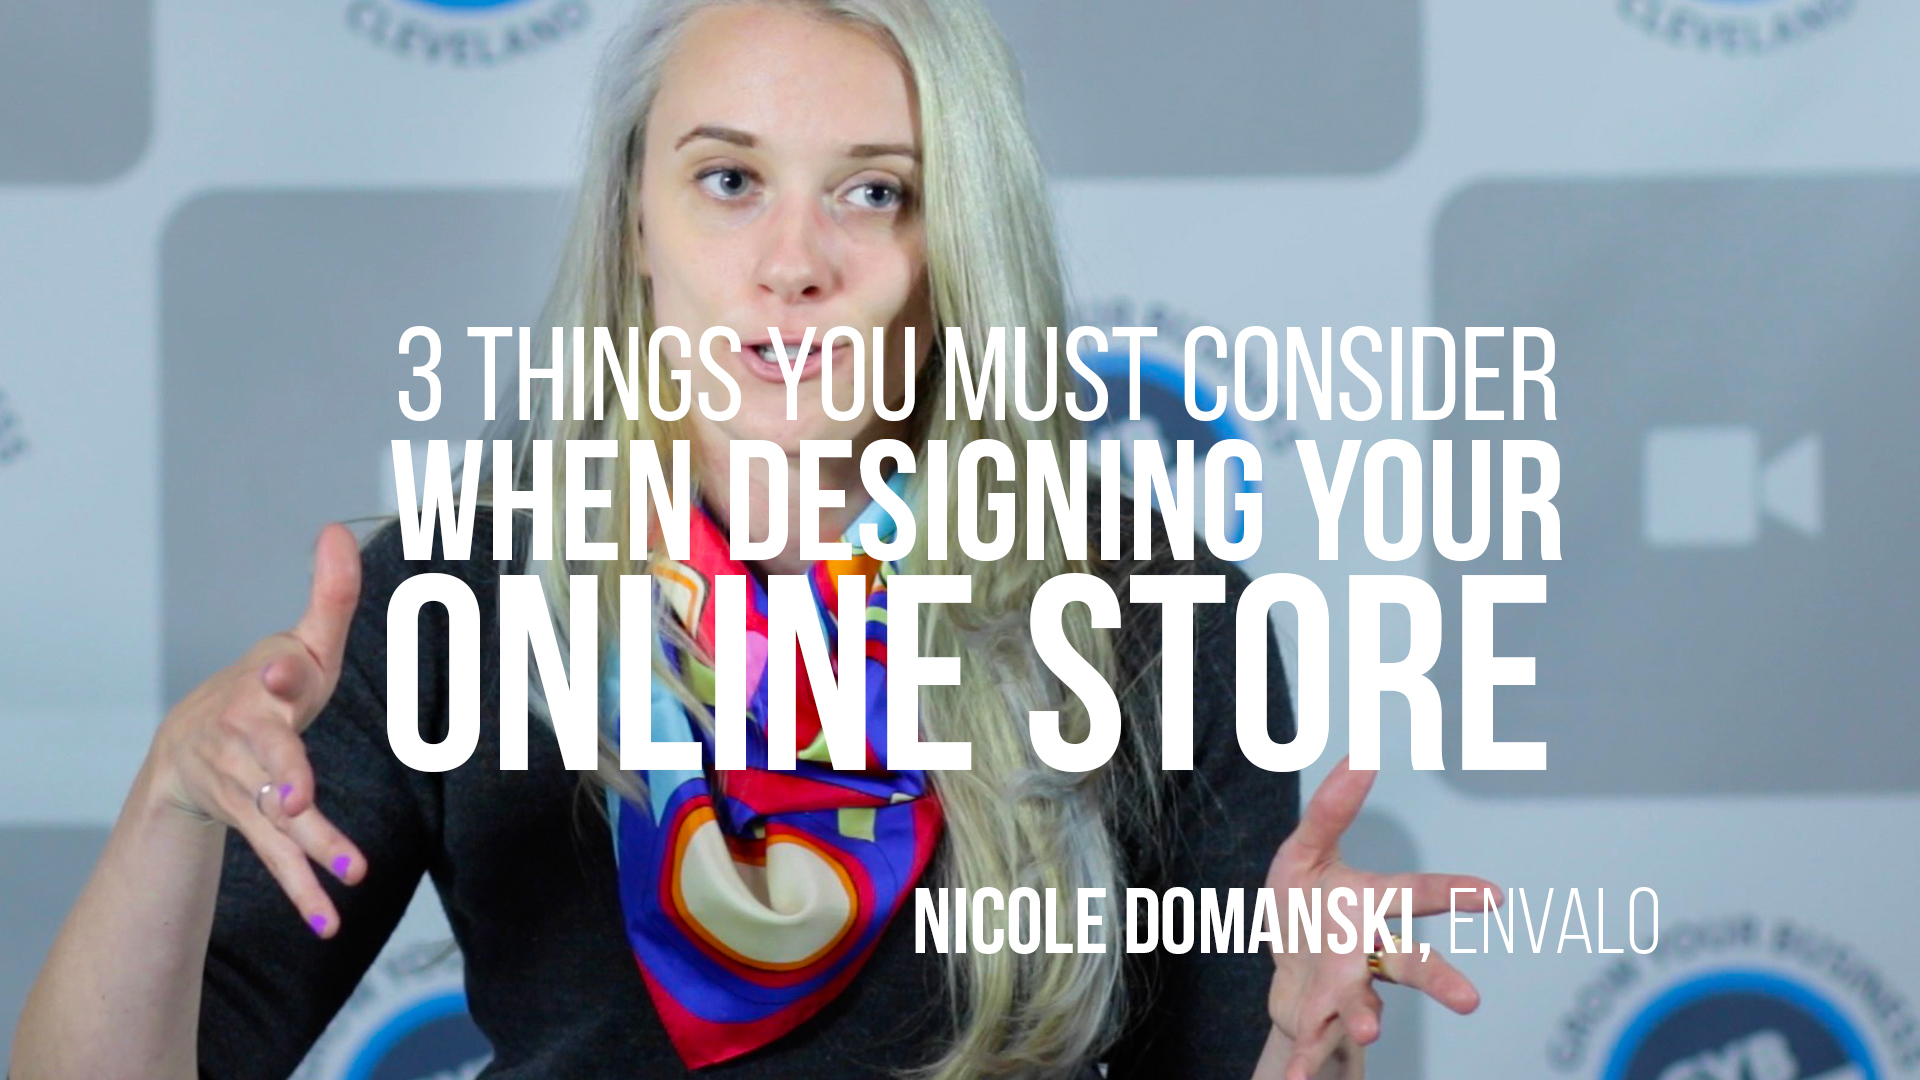 Nicole Donamski